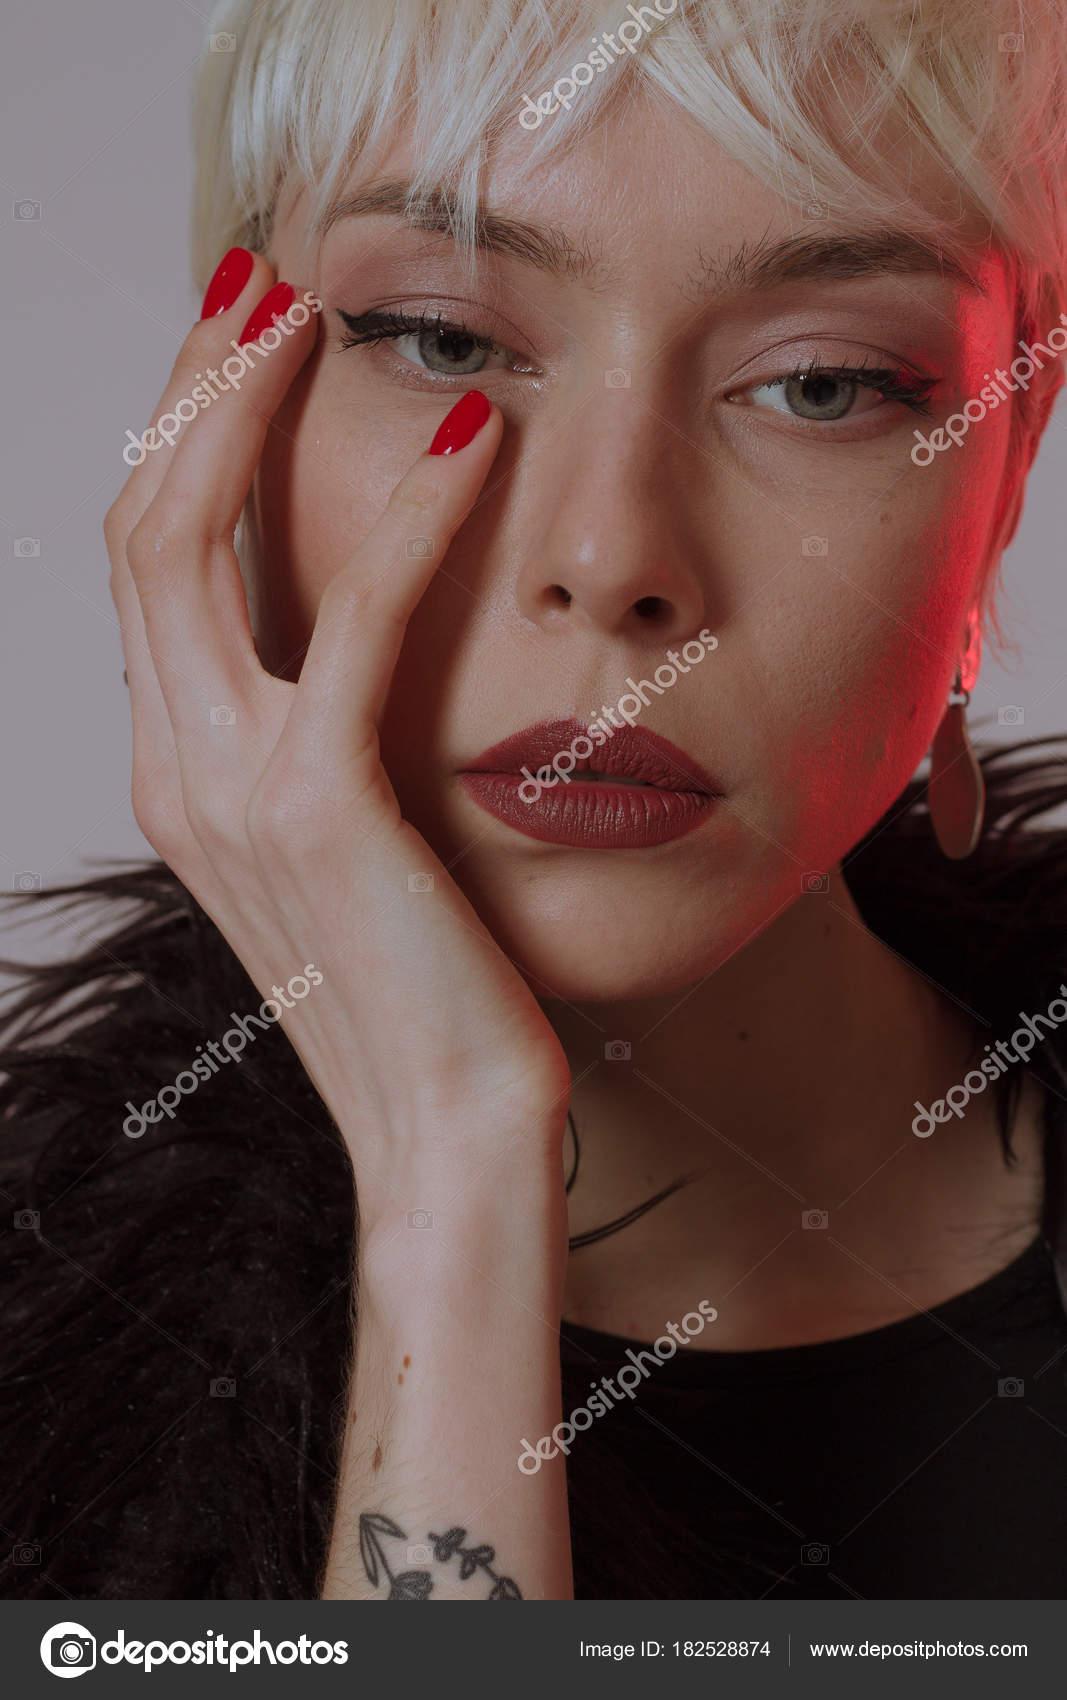 Imagenes Pelos Cortos Hermosa Chica Rubia Con Pelo Corto - Pelos-cortos-de-chica